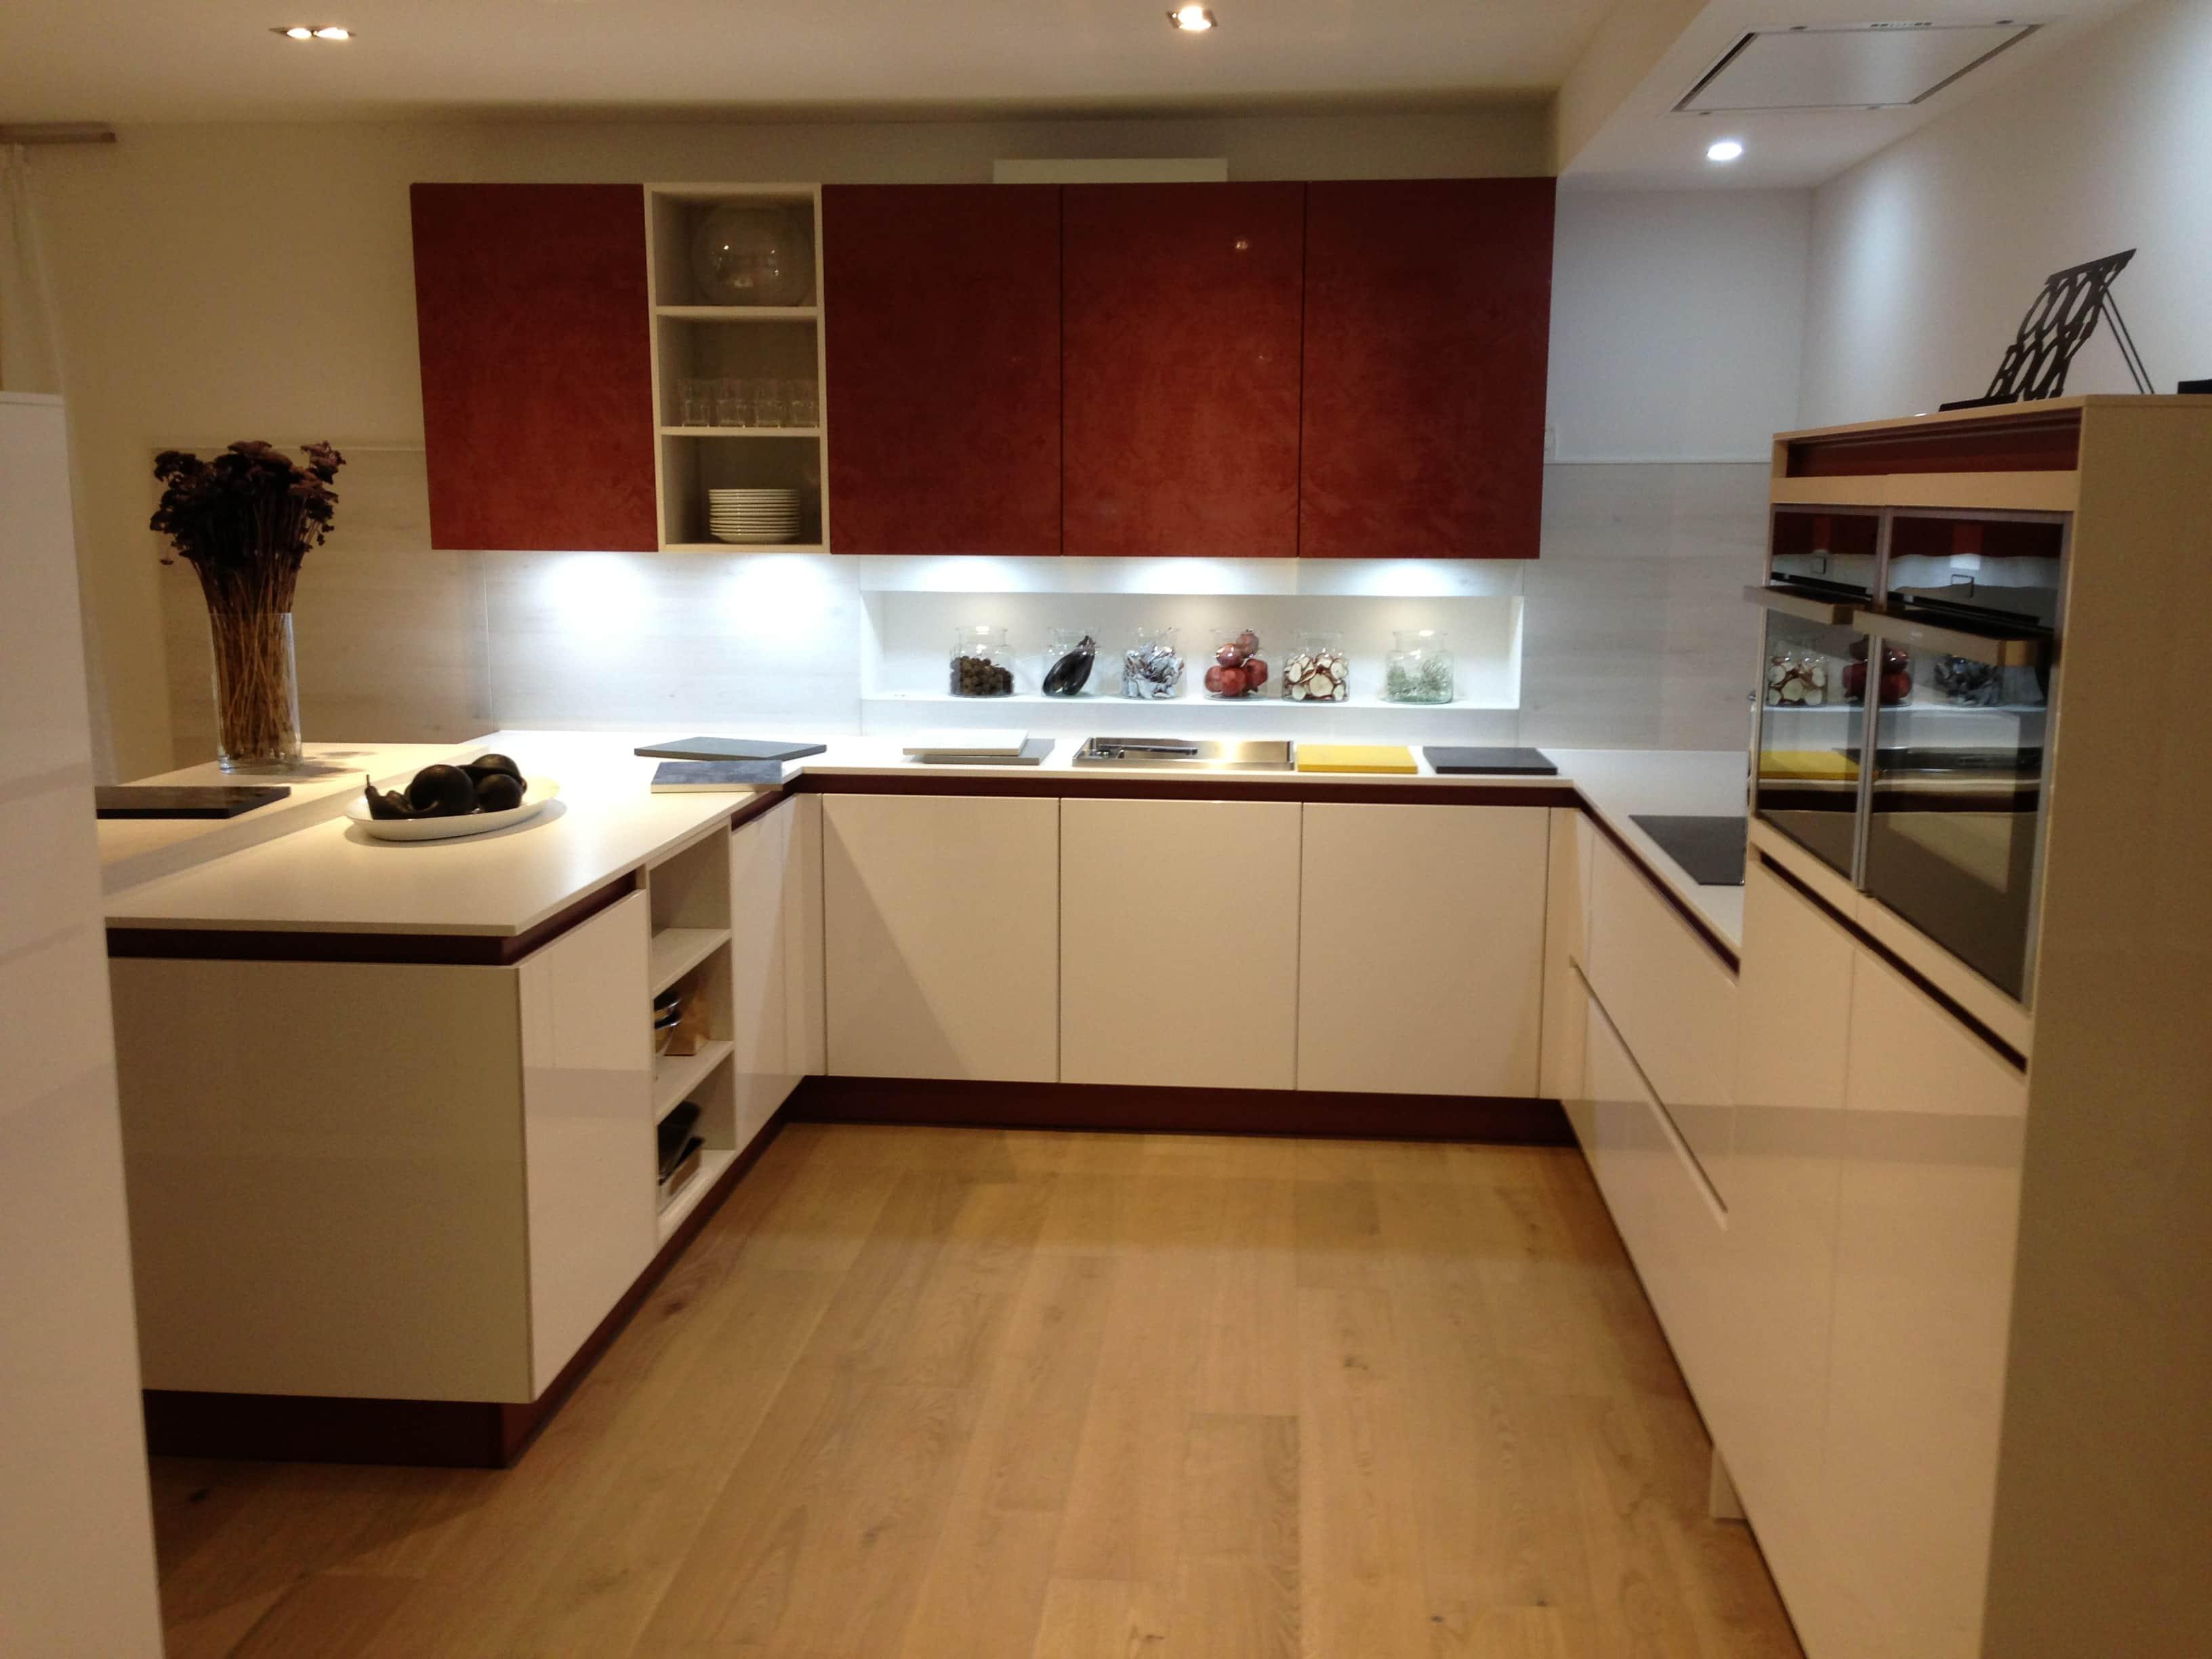 Г образные кухонные гарнитуры расчет фасадов для кухонного гарнитура